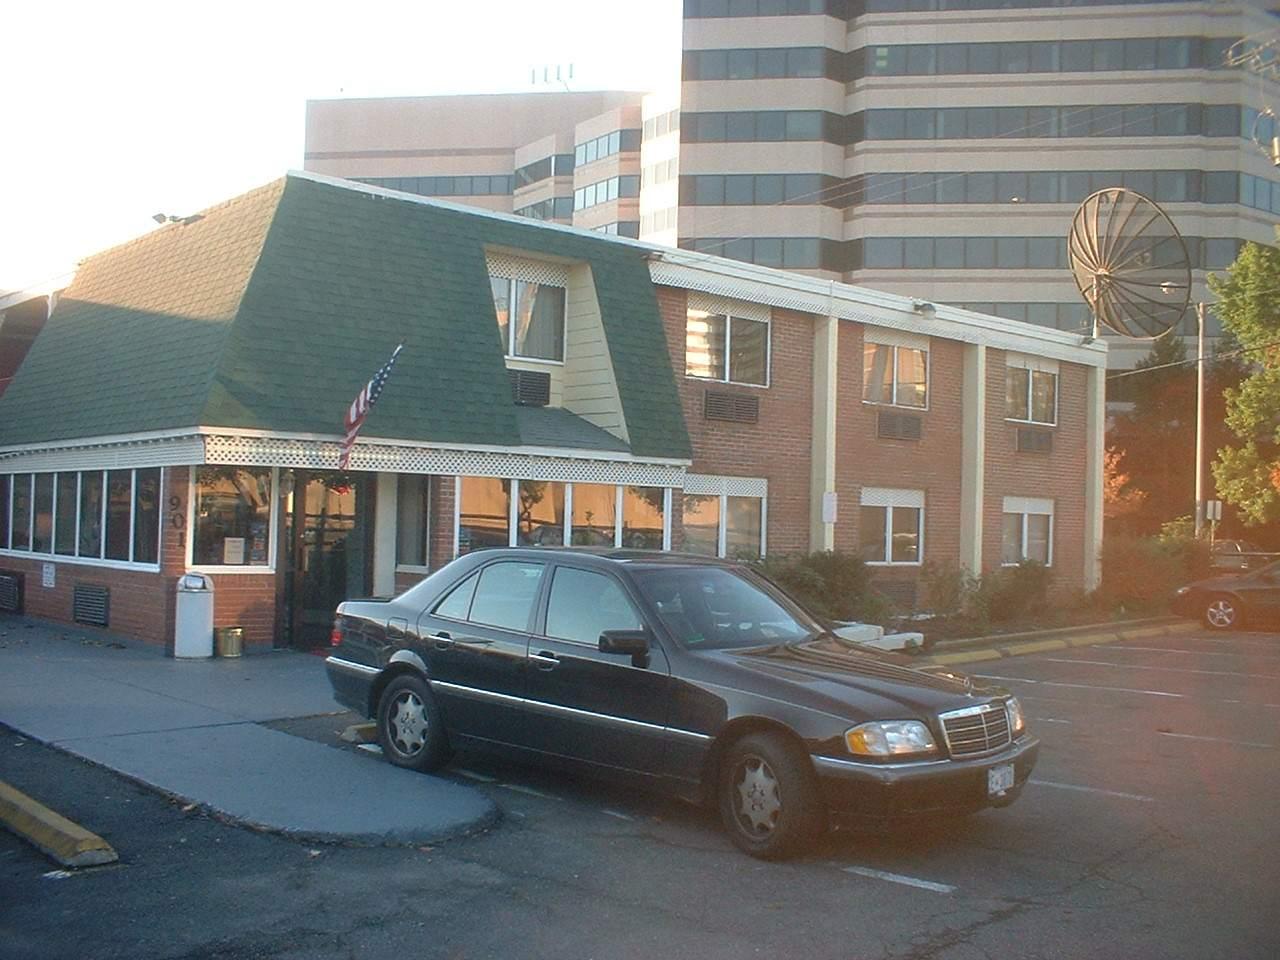 At Crystal City Motel